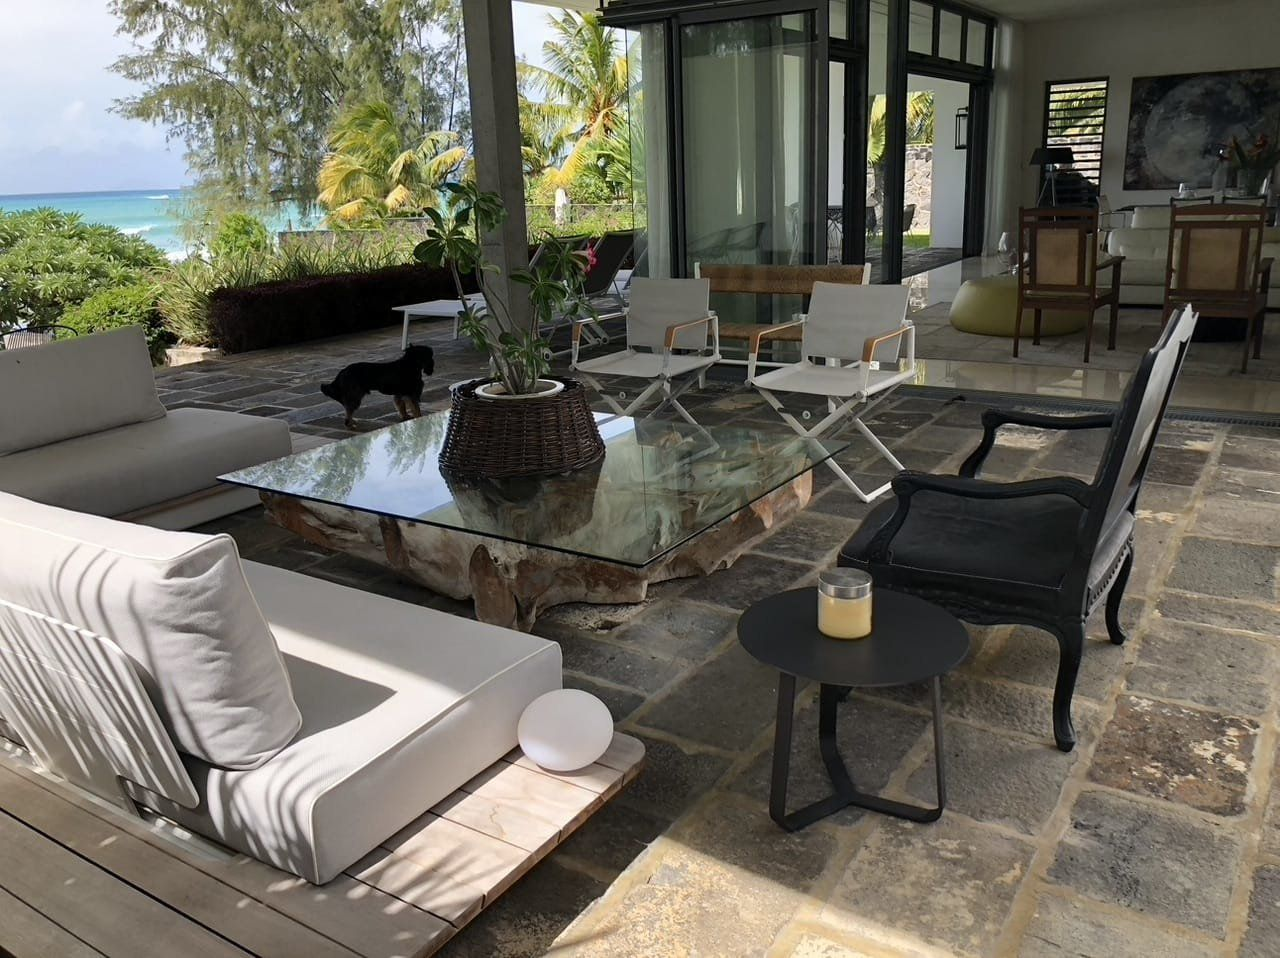 Maison à vendre 5 3657.57m2 à Ile Maurice vignette-17